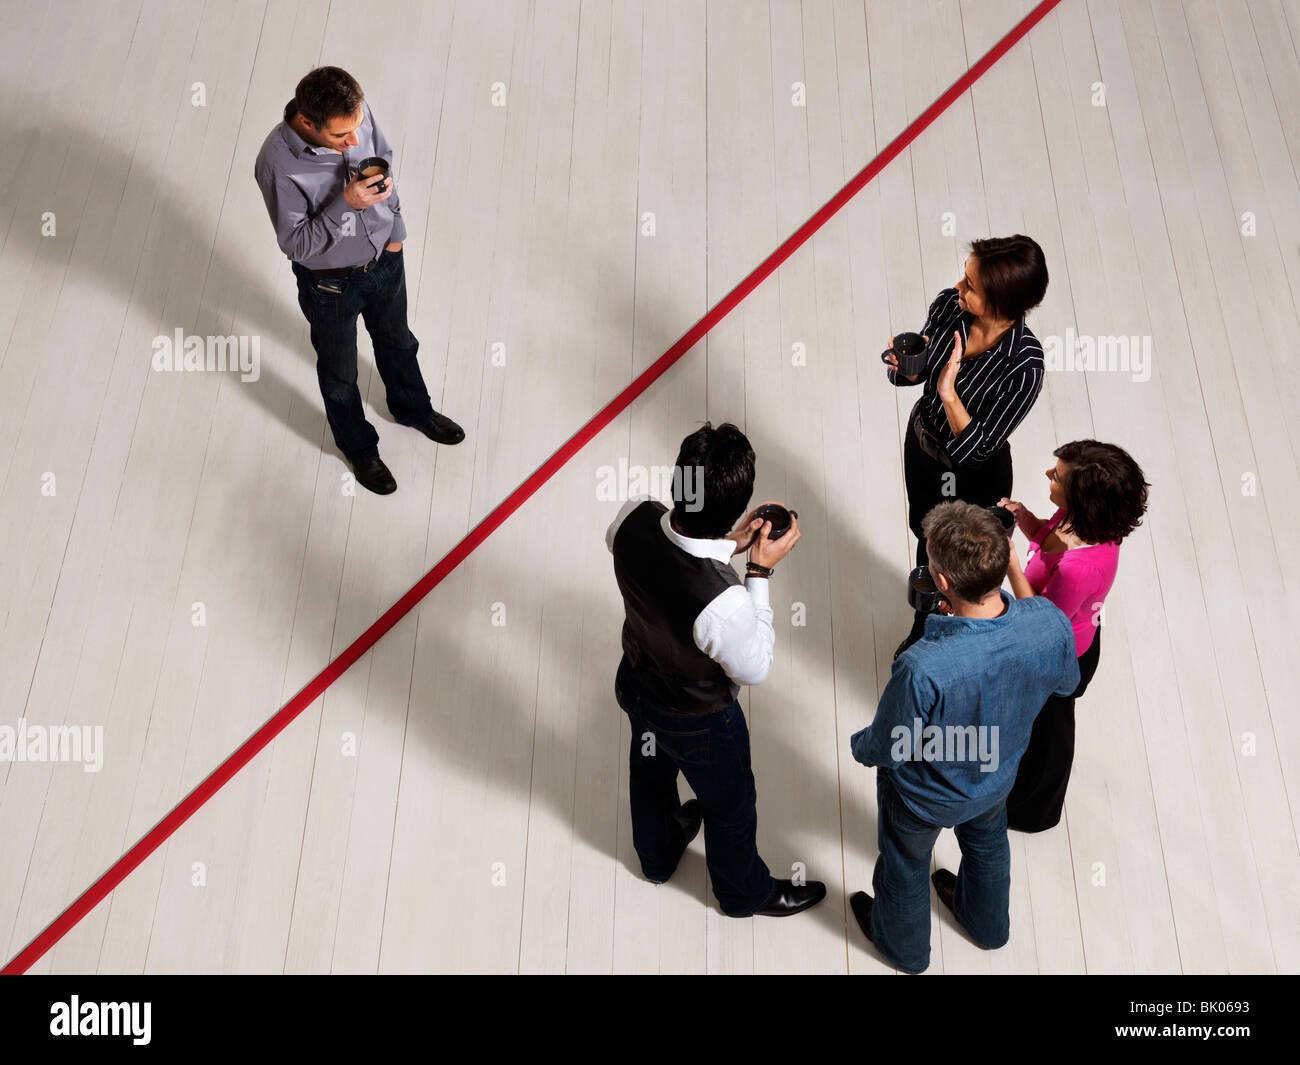 Los hombres y mujeres de negocios por línea roja Imagen De Stock